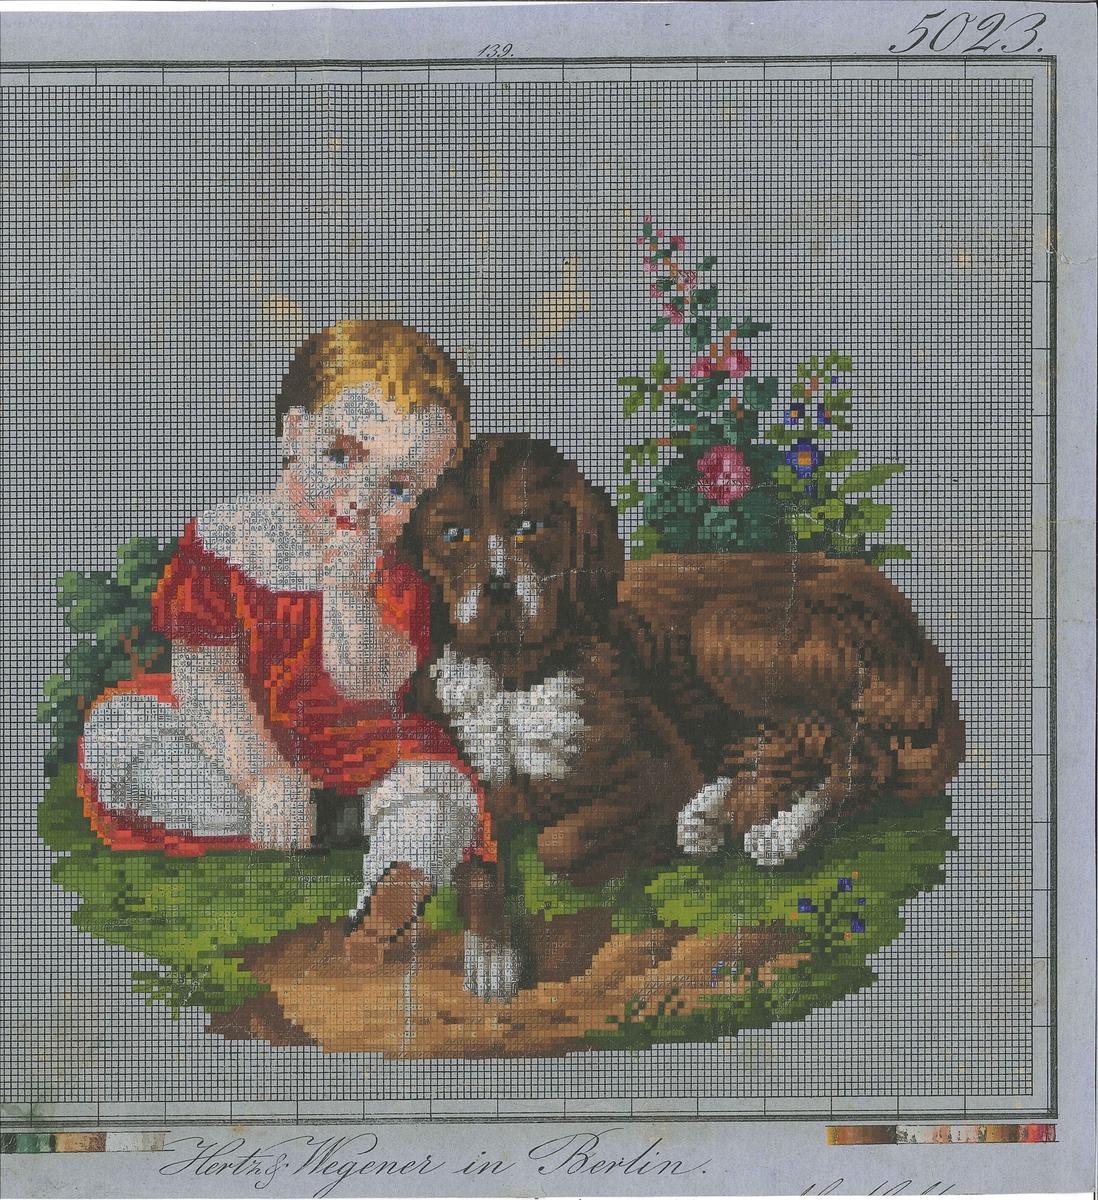 """Broderimønster-ark. Motiv er eit barn og ein hund.  Fargefelt nedst. Rutemønster teikna opp med svart blekk på blågrå, tynn papp og motiv måla på med akvarellmåling. Der målinga er gjennomskineleg eller avflassa, kan ein sjå at det er teikna på symbol for fargane med blekk i kvar rute under akvarellmålinga.  Under motivet er det skrive med handskrift: """"Hertz & Wegener in Berlin"""". Under handskrive: """"M.Meltzer"""""""